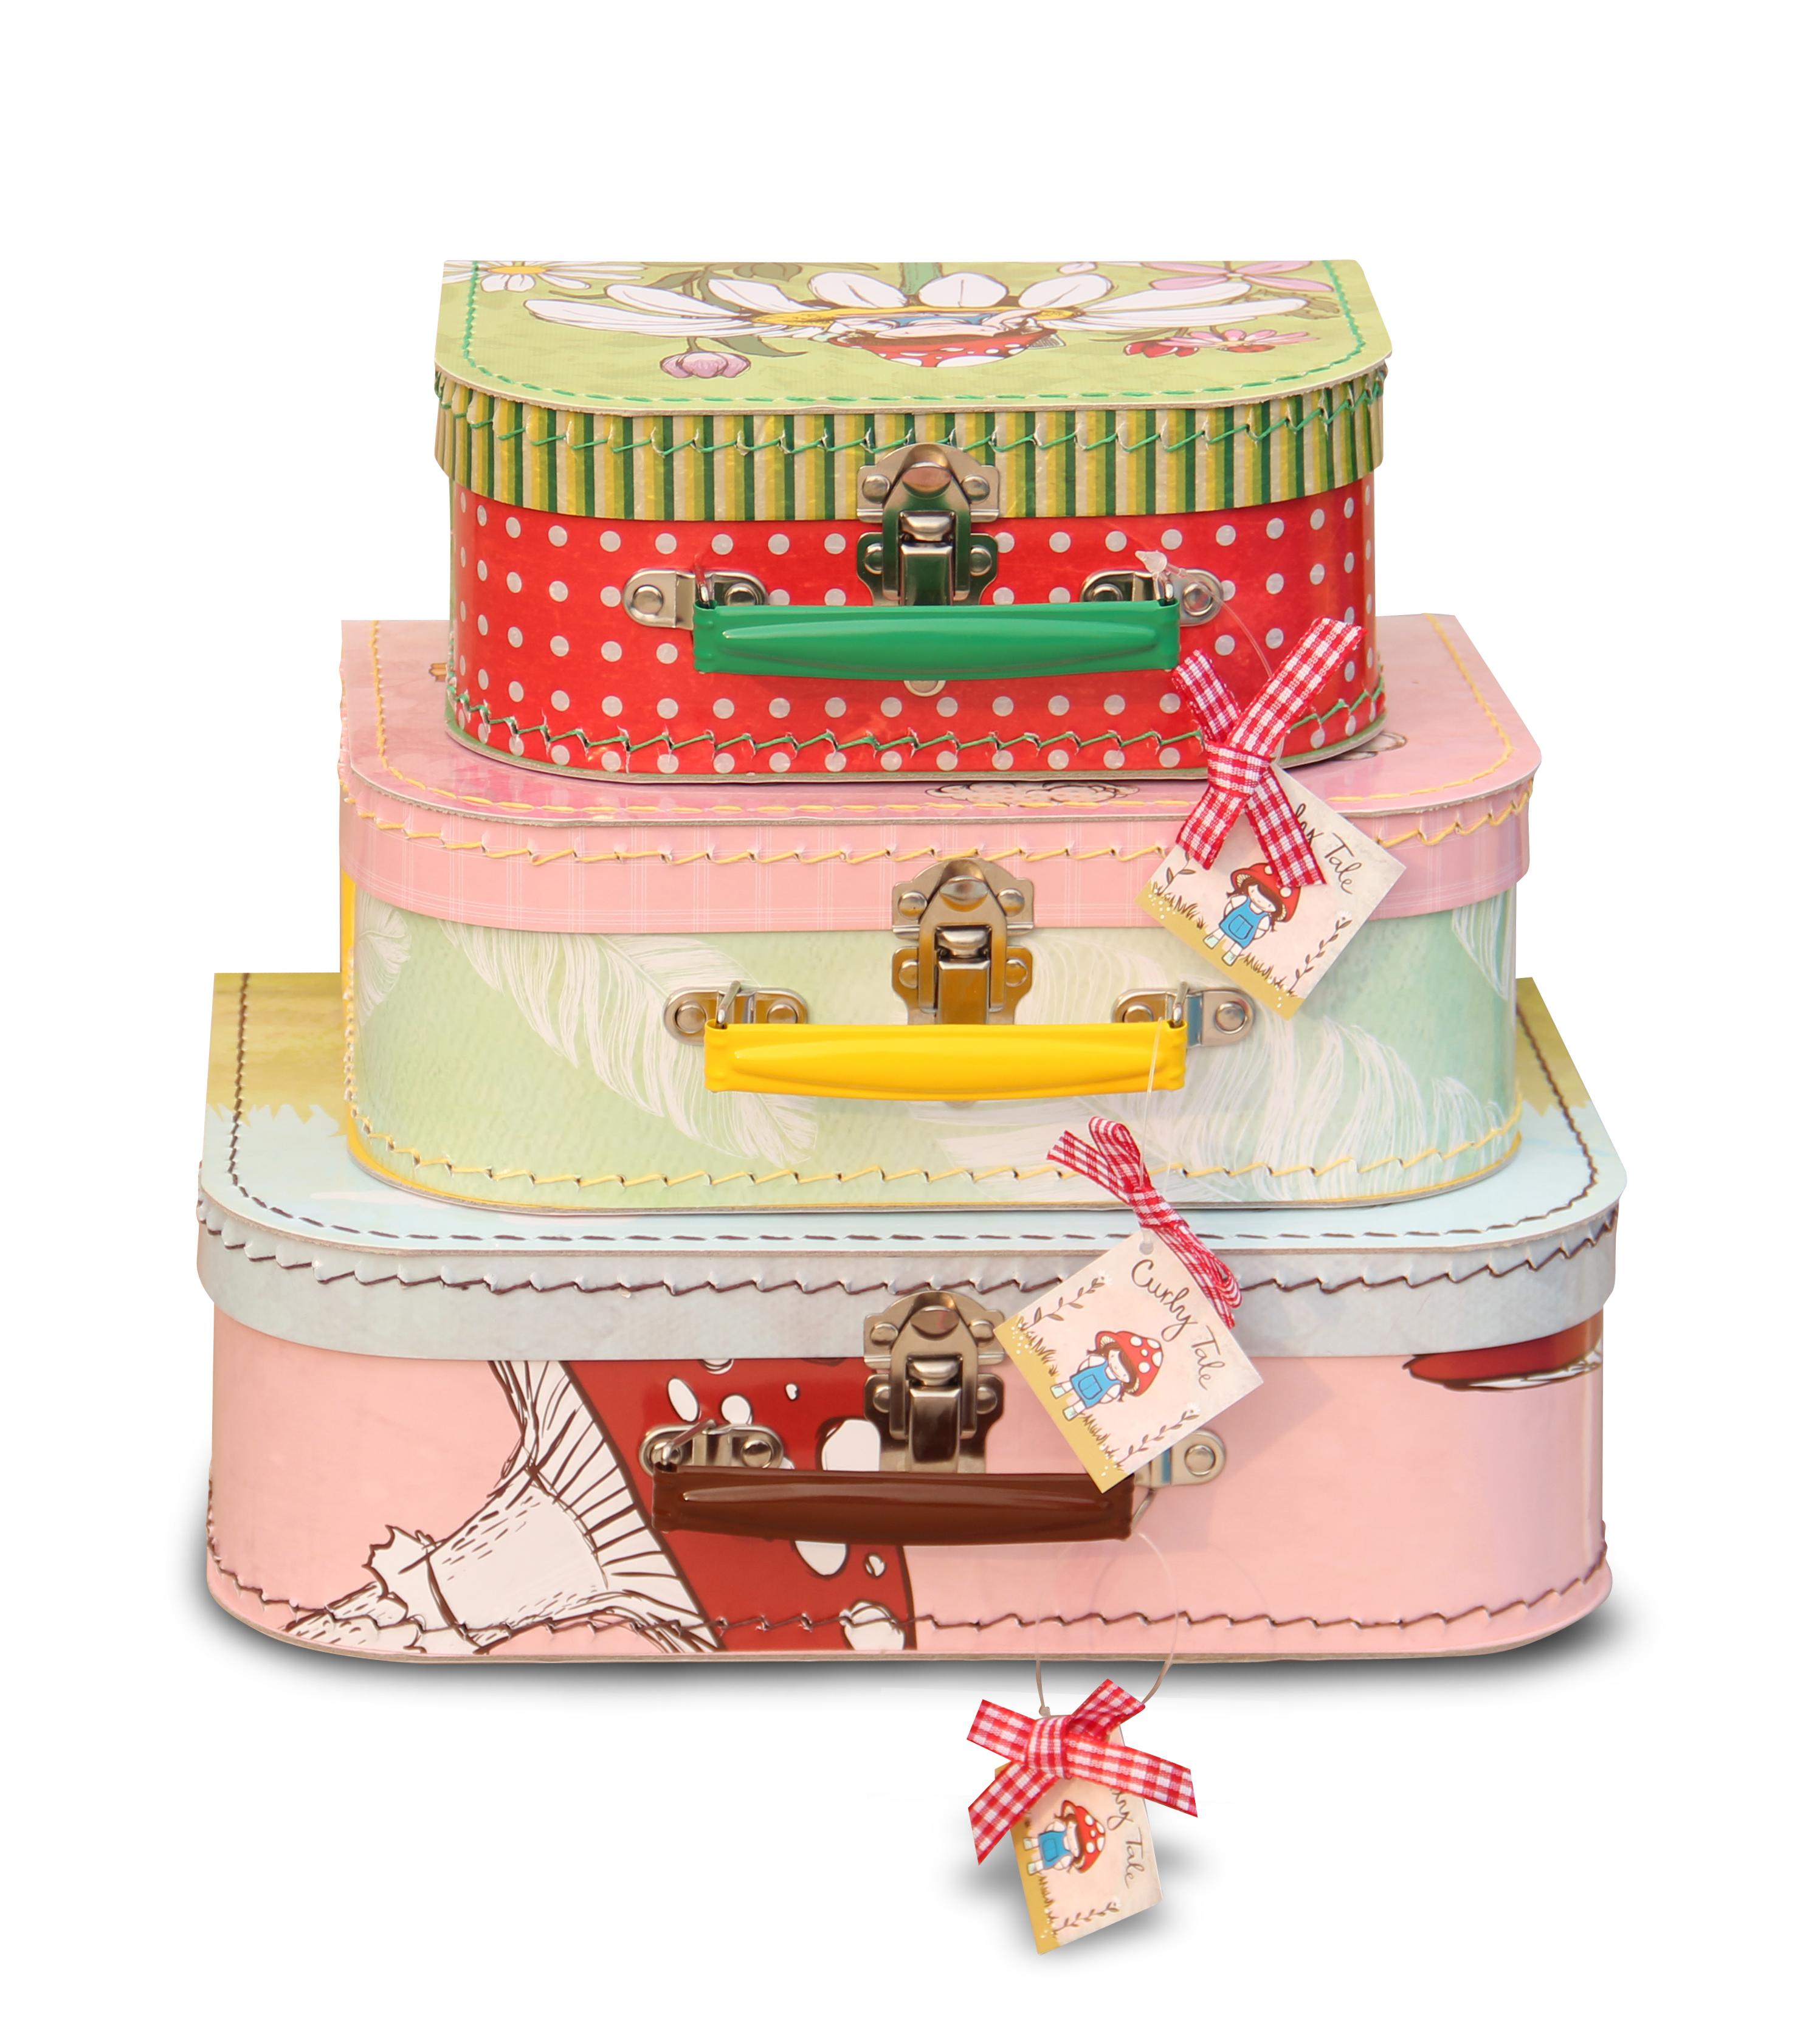 Sada dětských kufříků